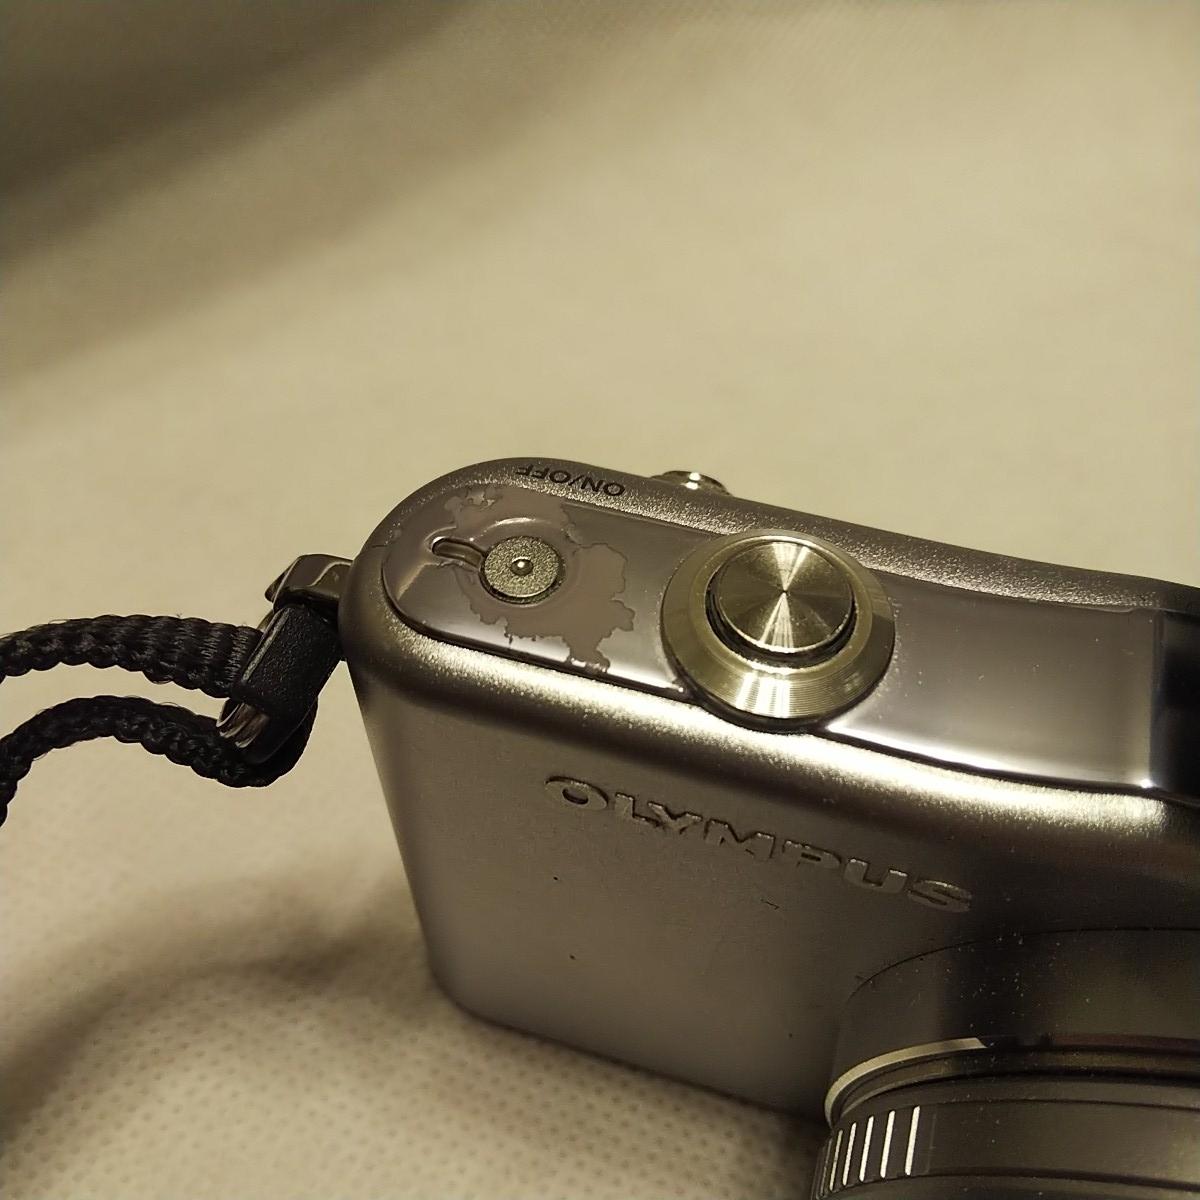 オリンパス E-PM1 デジタル一眼 レンズ フラッシュ付き FL-LM1 M.ZUIKO 14-42mm 1:3.5-5.6 π37mm ズームレンズキット YOKO-63 完動品 美品_画像10